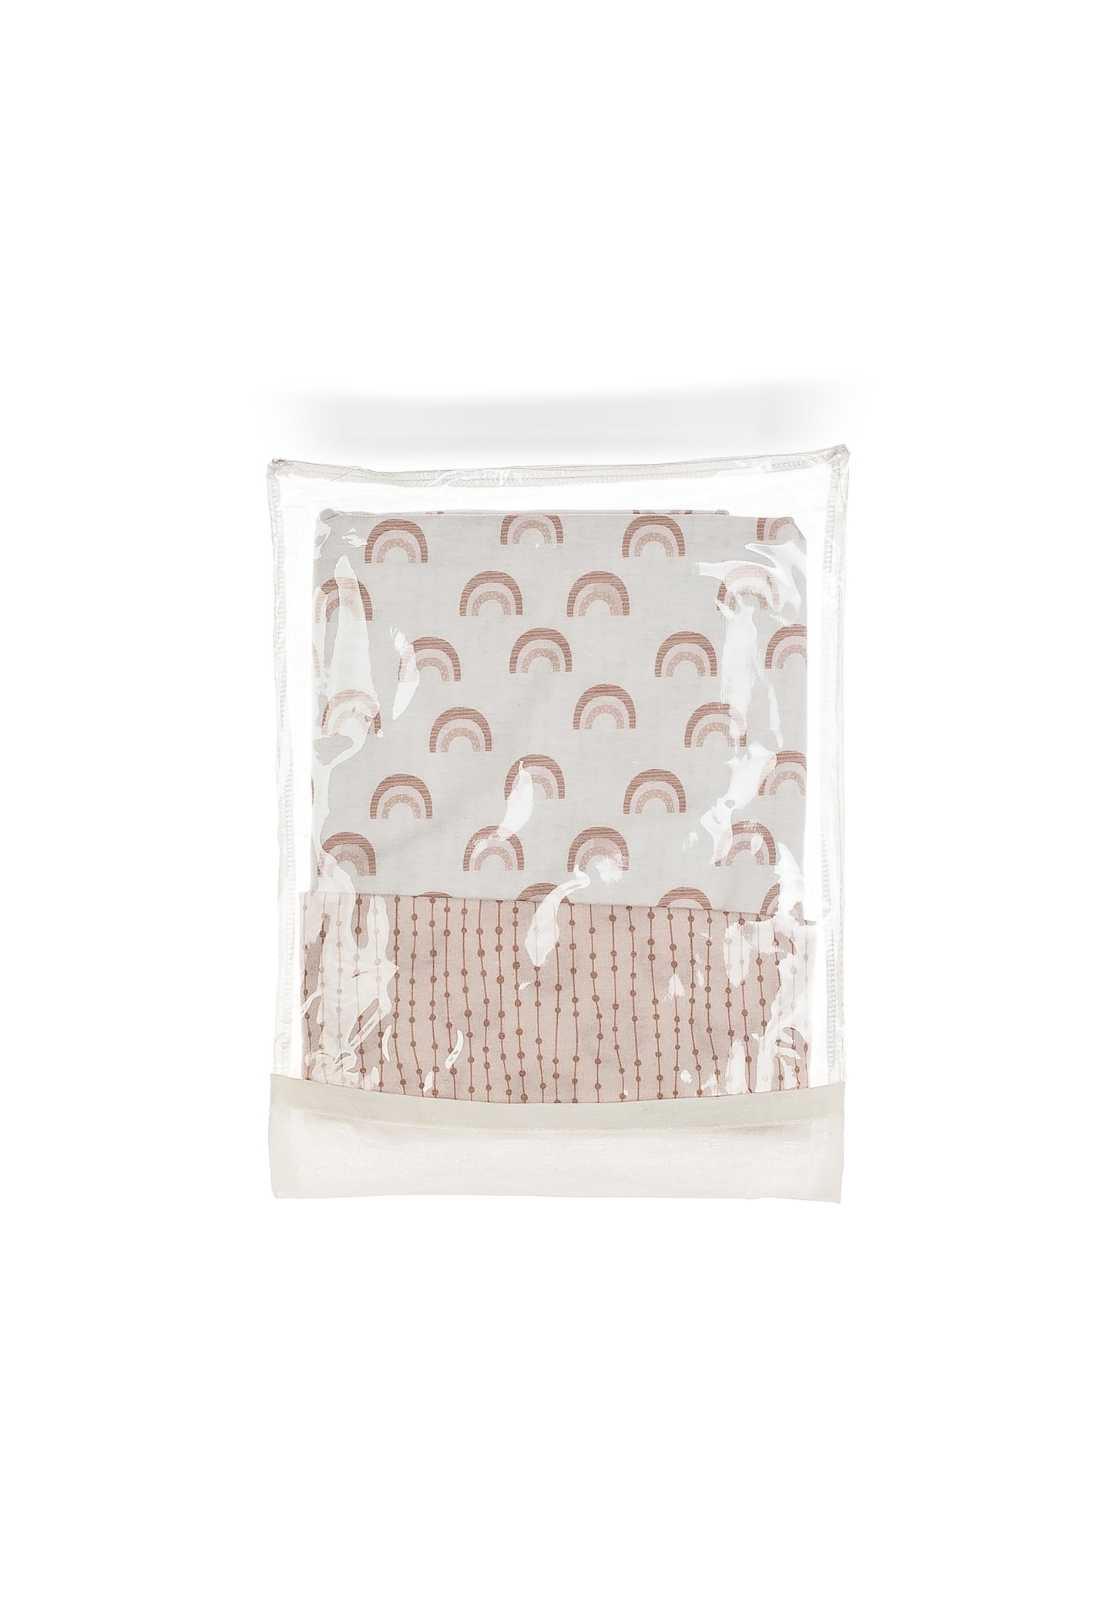 Capa de Ninho em Malha Estampada Minimalista - Coleção Borboletas